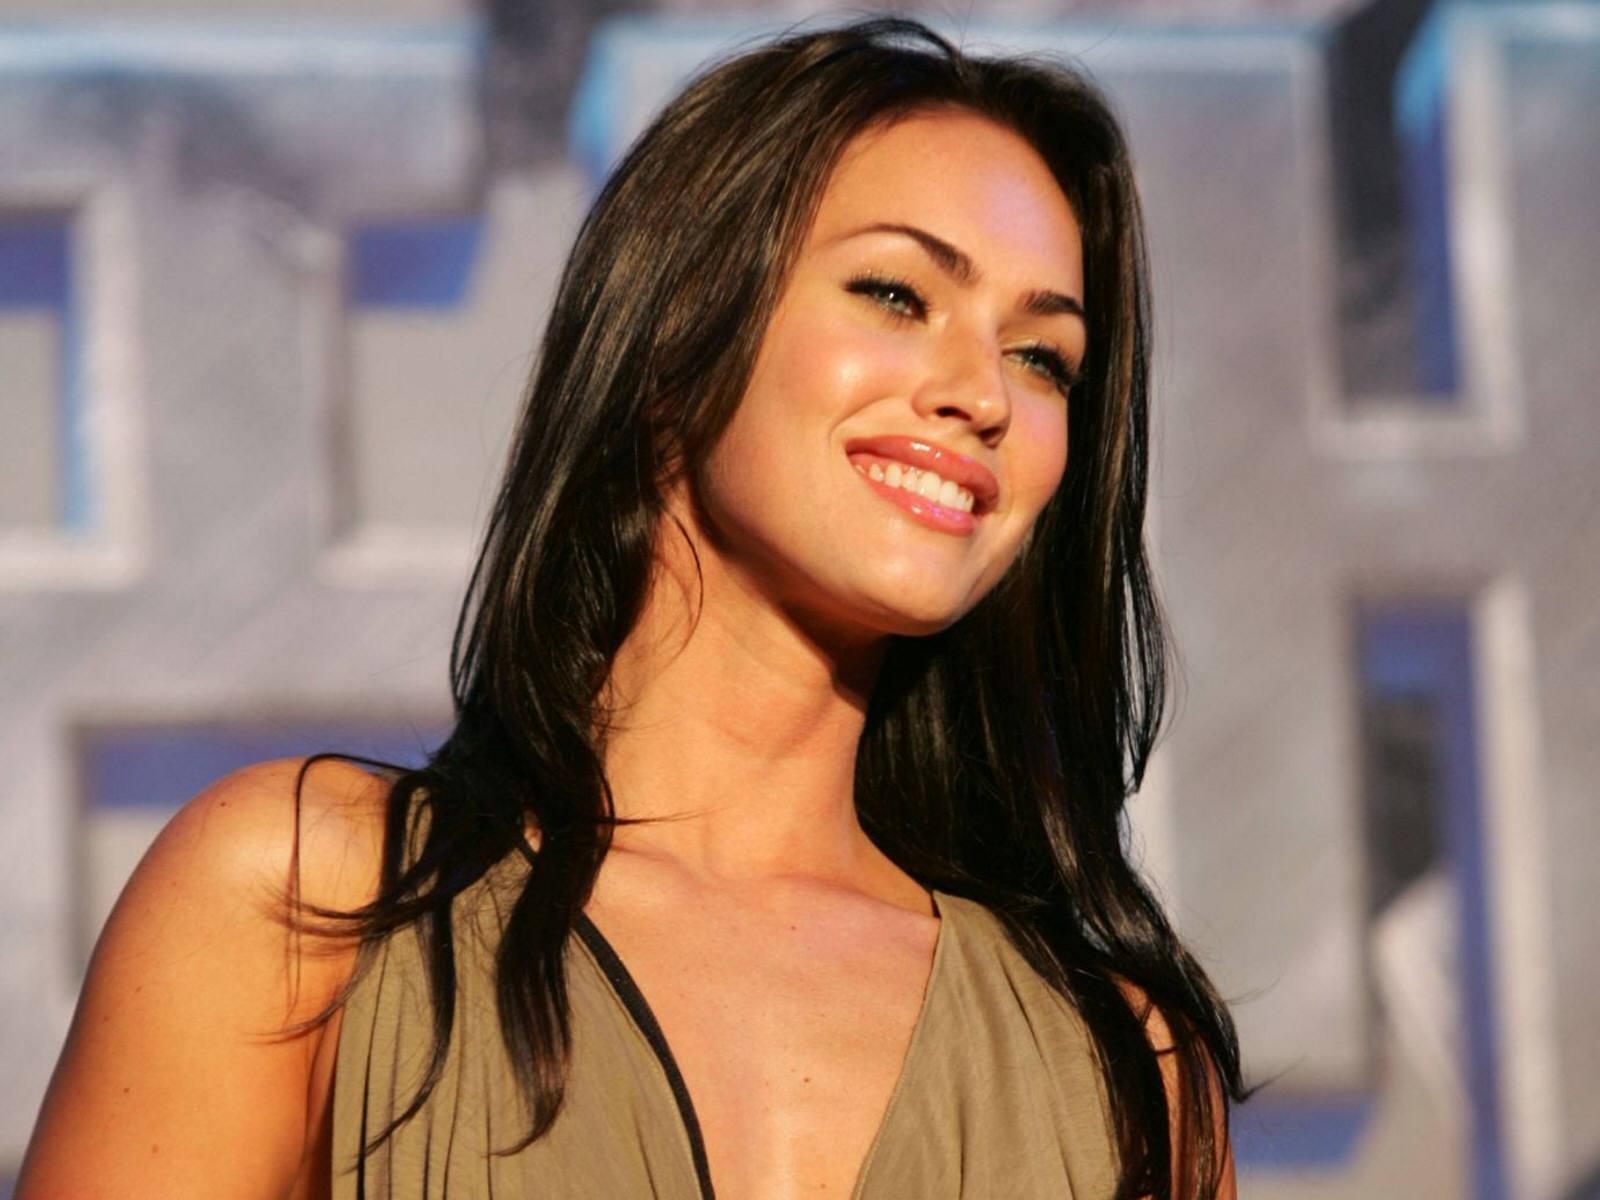 http://1.bp.blogspot.com/-idv0n7N9FPU/Tkrbr-7xz6I/AAAAAAAAA1U/royVvhrVipk/s1600/Megan+Fox+15.jpg